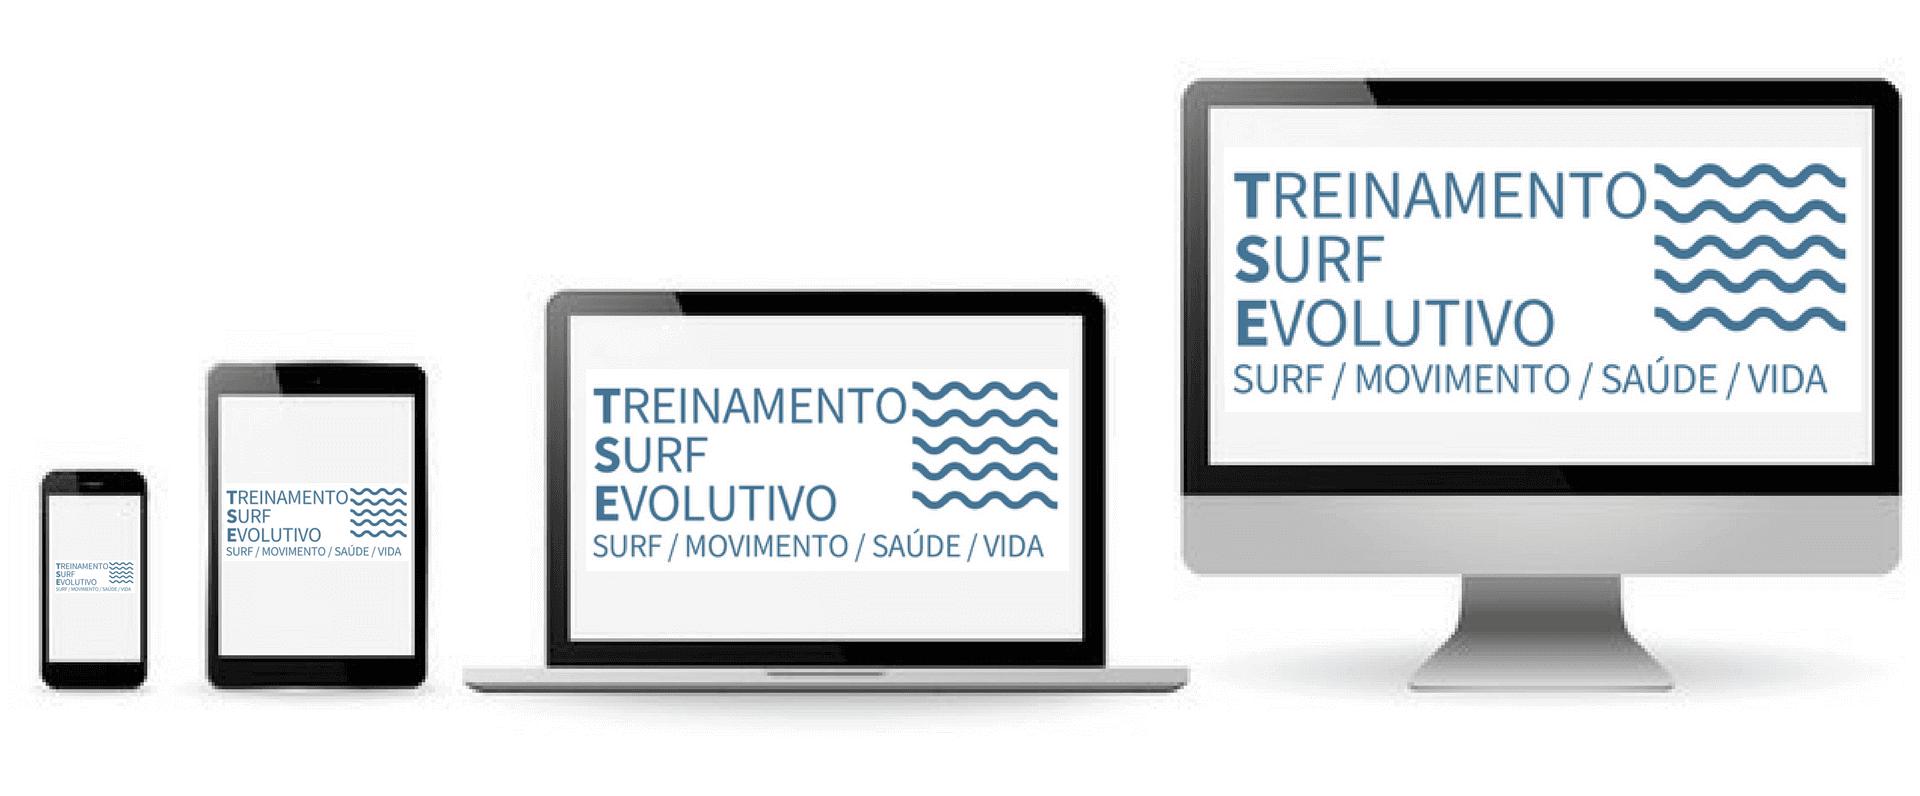 Treinamento Surf Evolutivo Dispositivos